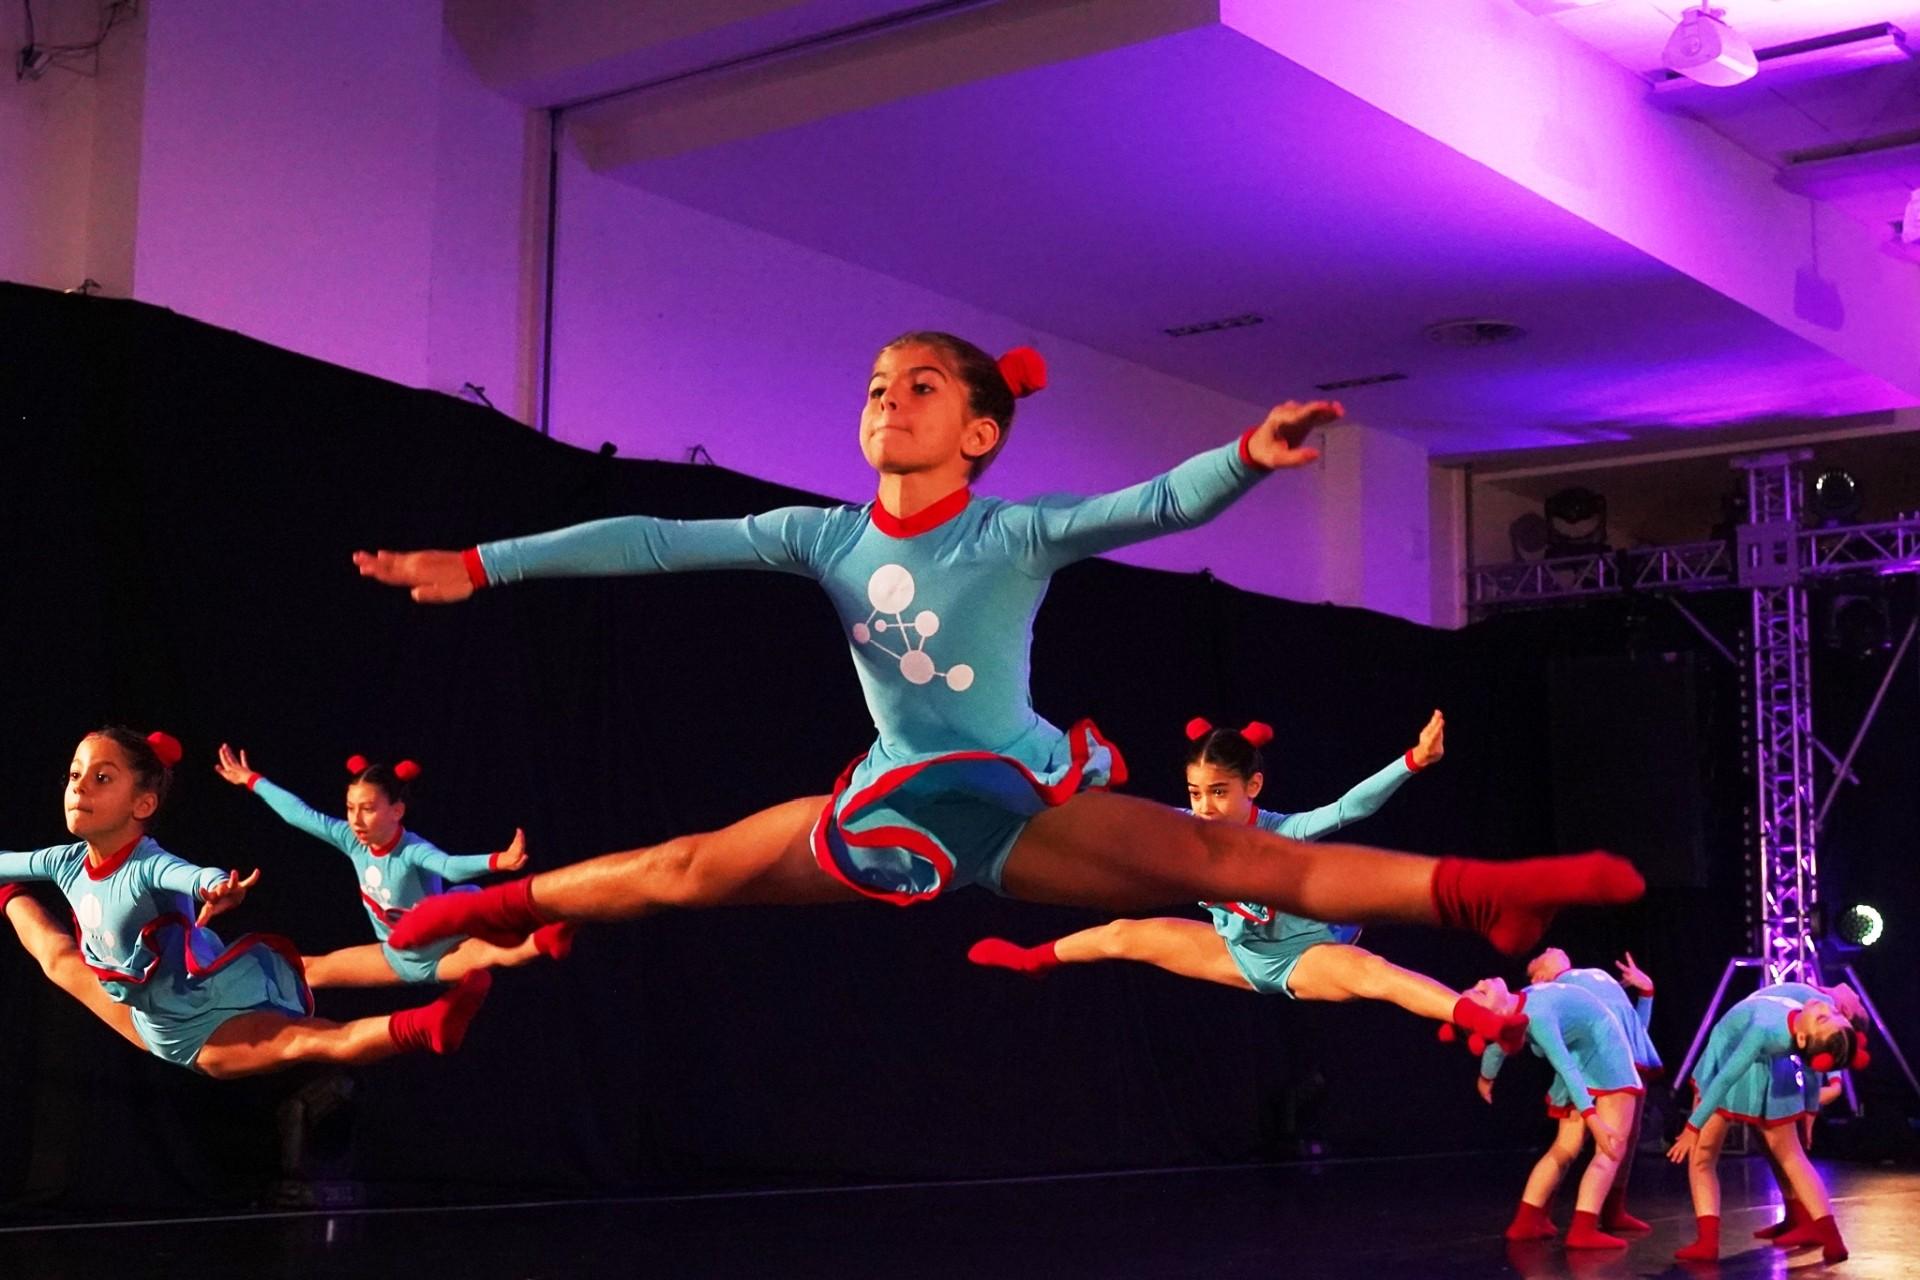 ido modern dans dünya Şampiyonası BODRUMLU DANSÇILAR DÜNYA ŞAMPİYONASINDAN DÖNDÜ… modern dans bodrum 3